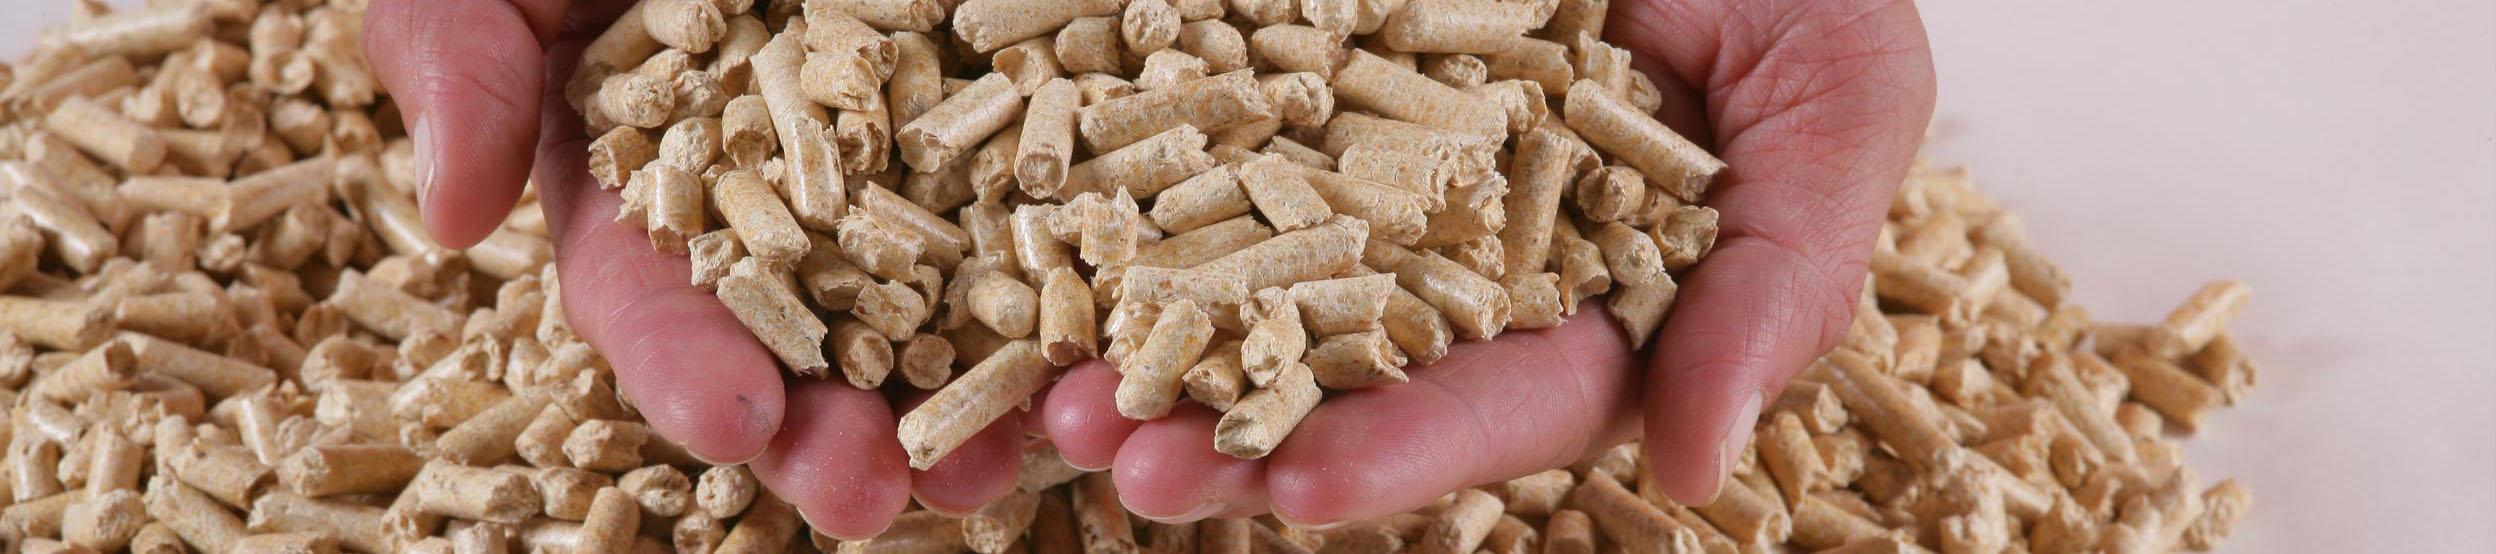 qué son los pellets